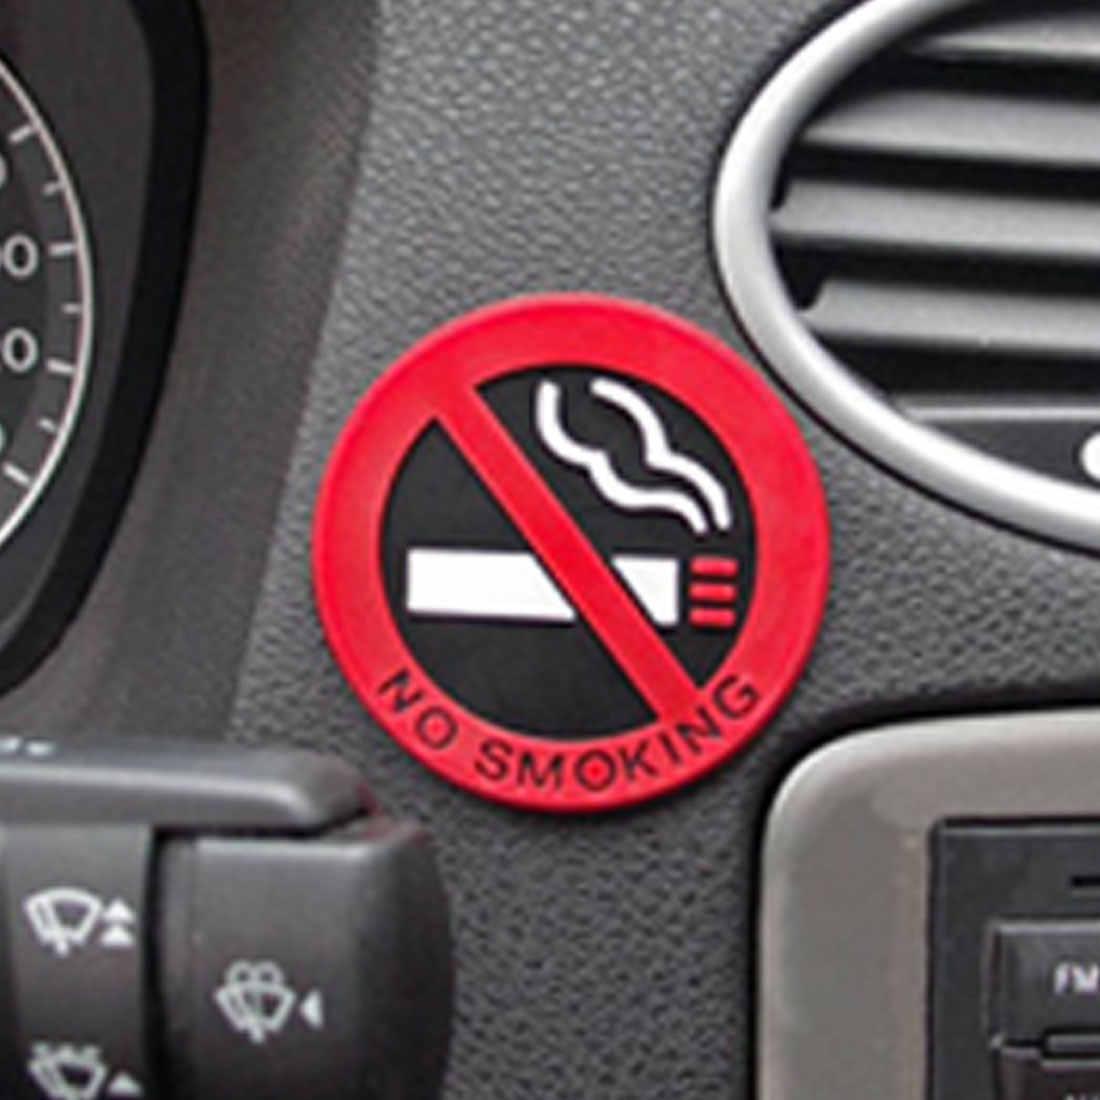 Dewtreetali colle autocollant avertissement non fumeur Logo voiture autocollants facile à coller pour bmw benz ford vw peugeot opel renault mazda golf